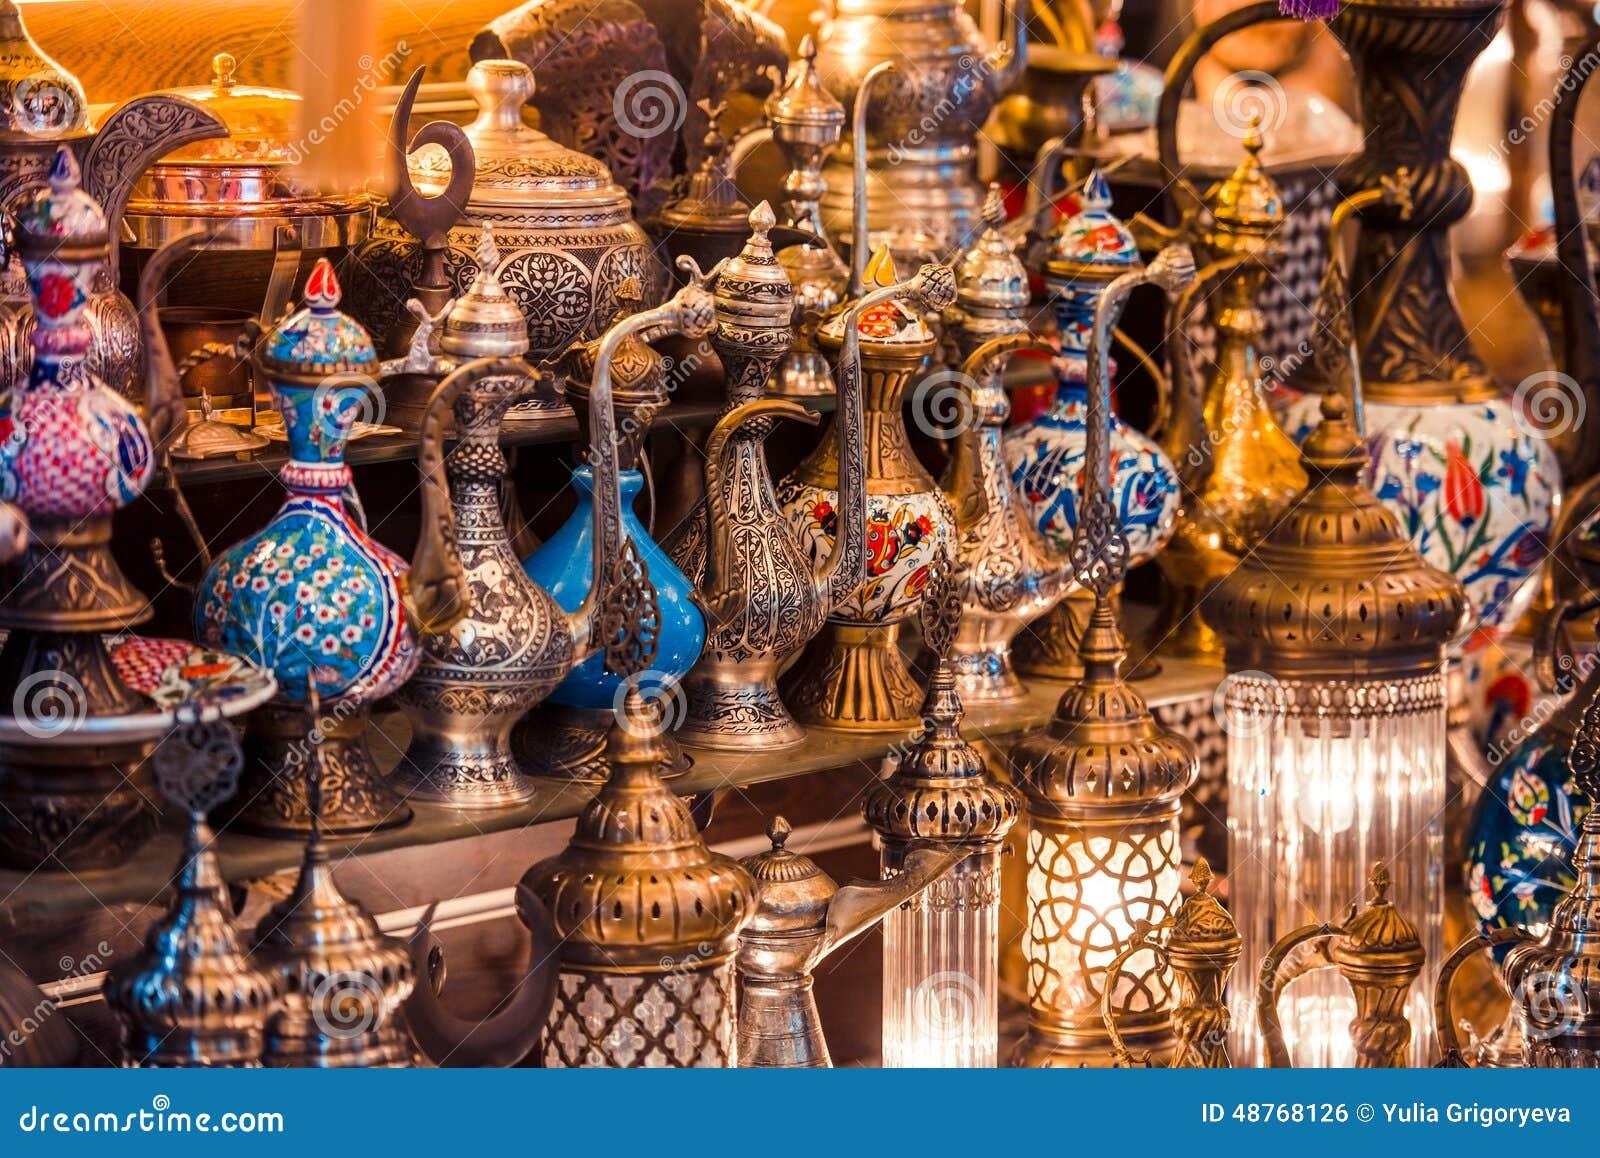 Bazar grande de Istambul